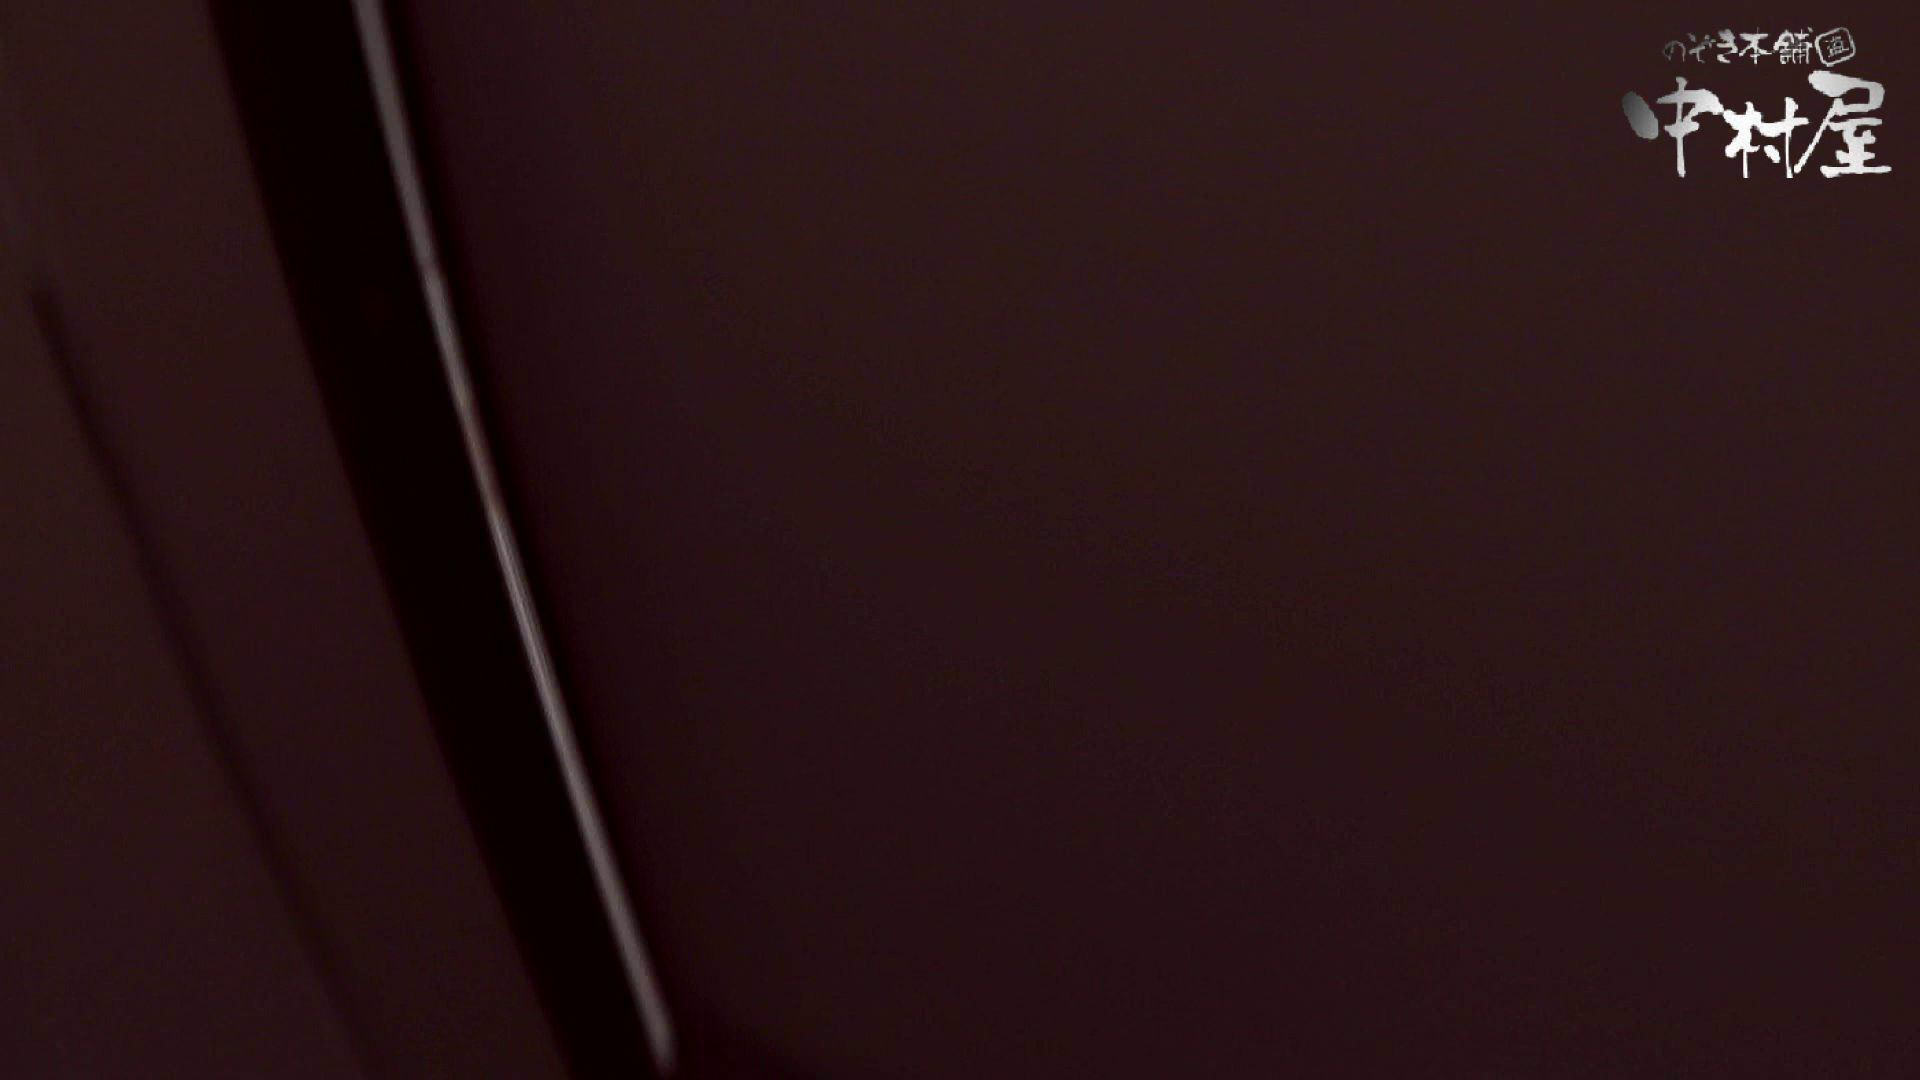 【世界の射窓から】世界の射窓から vol.6 洗面所編  81PIX 14